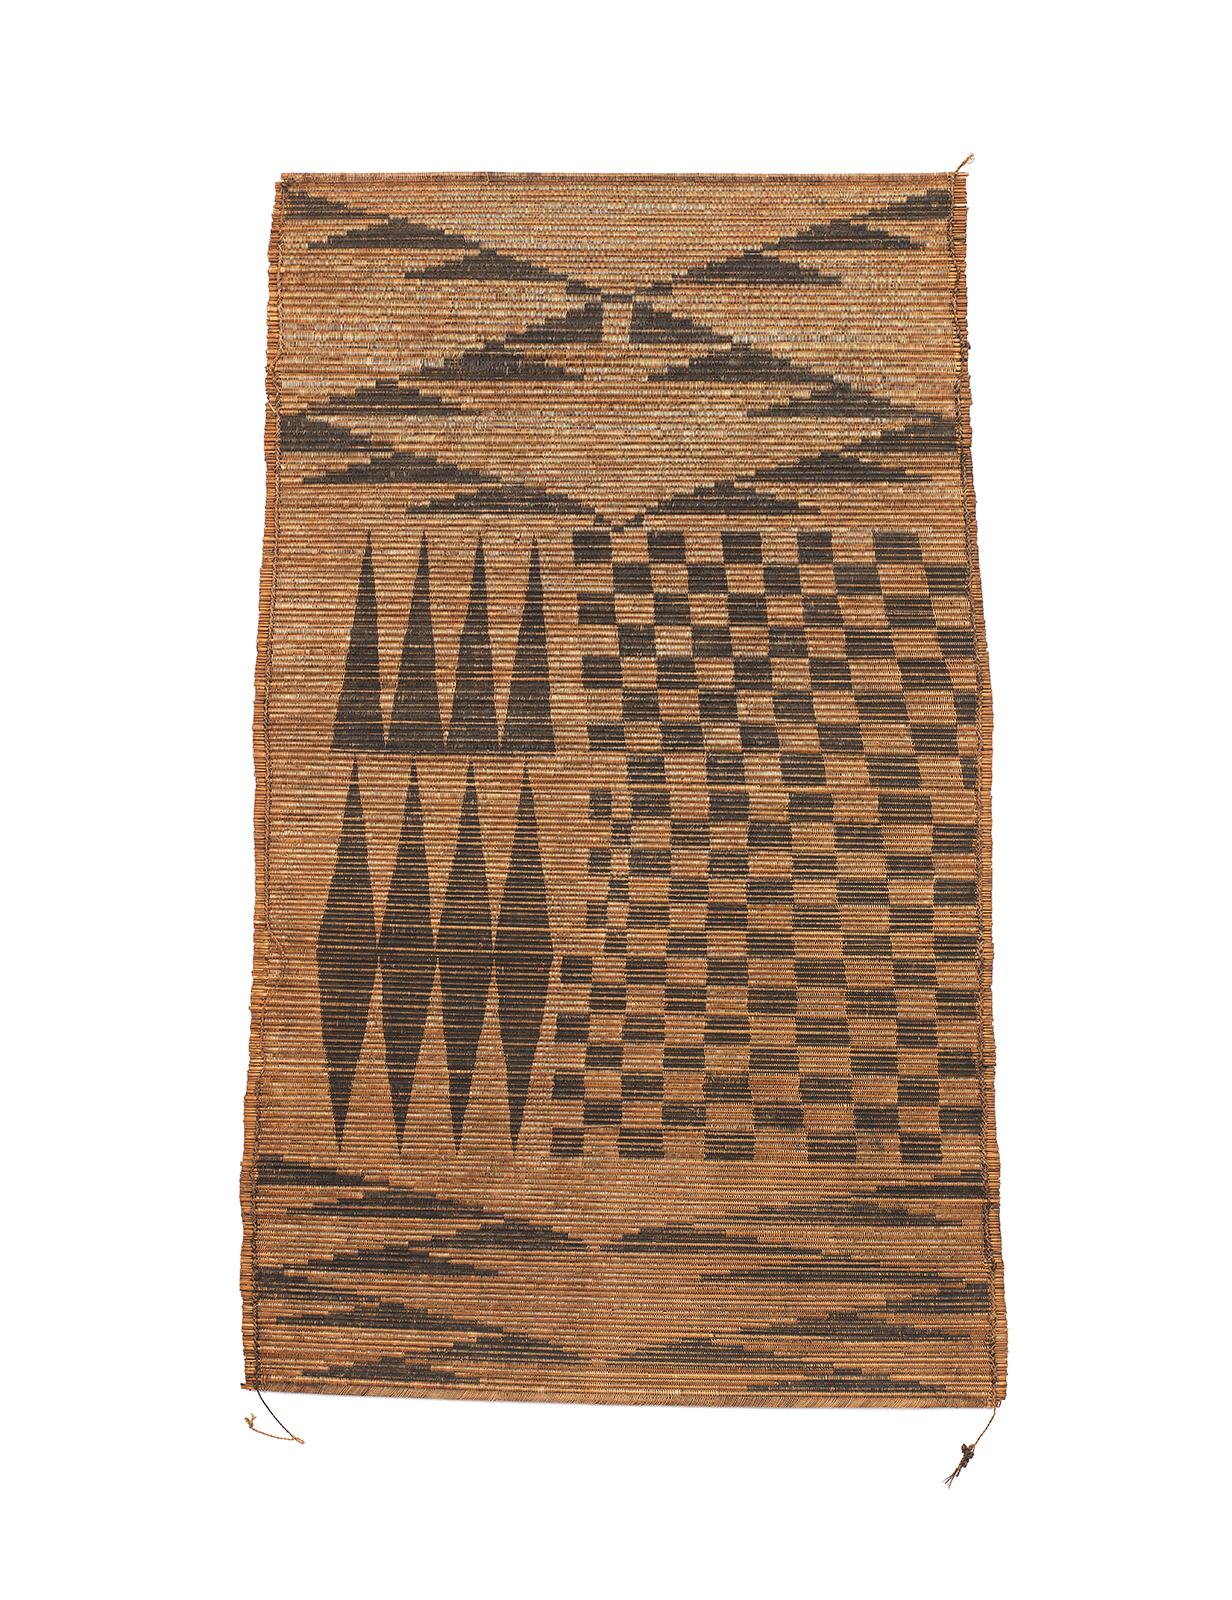 Tutsi Screen